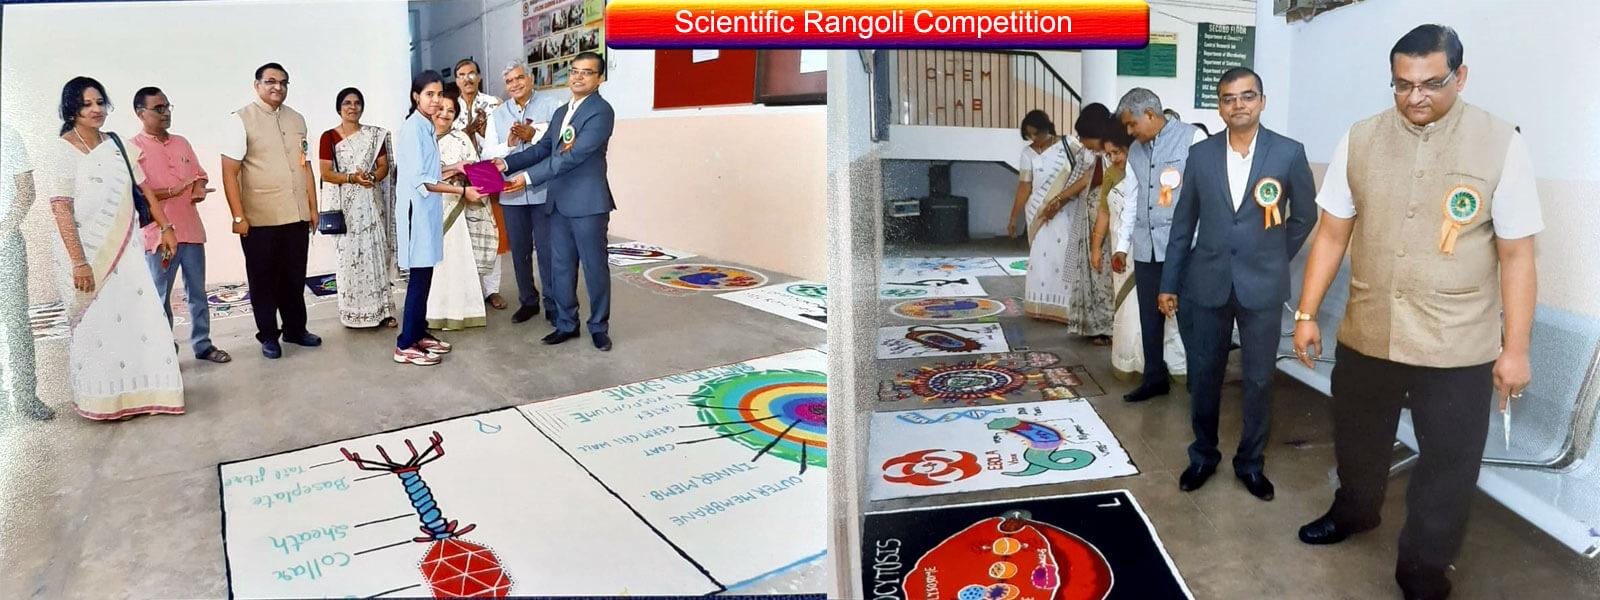 Scientific-Rangoli-Competit